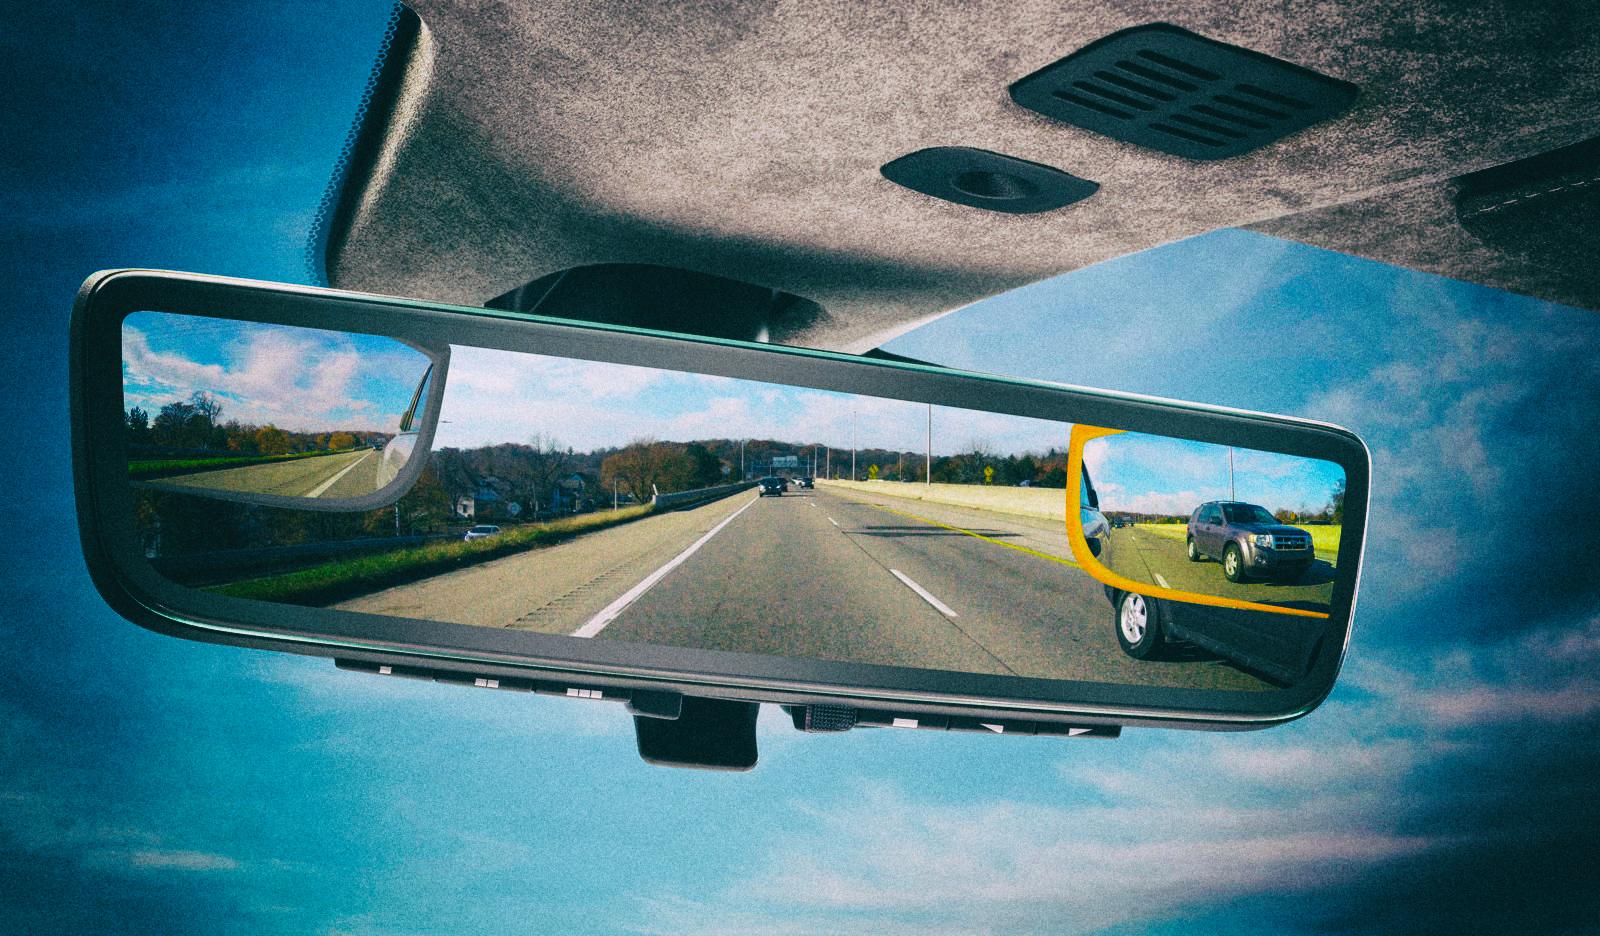 Aston Martin разработала зеркала заднего вида, транслирующие три видеопотока одновременно